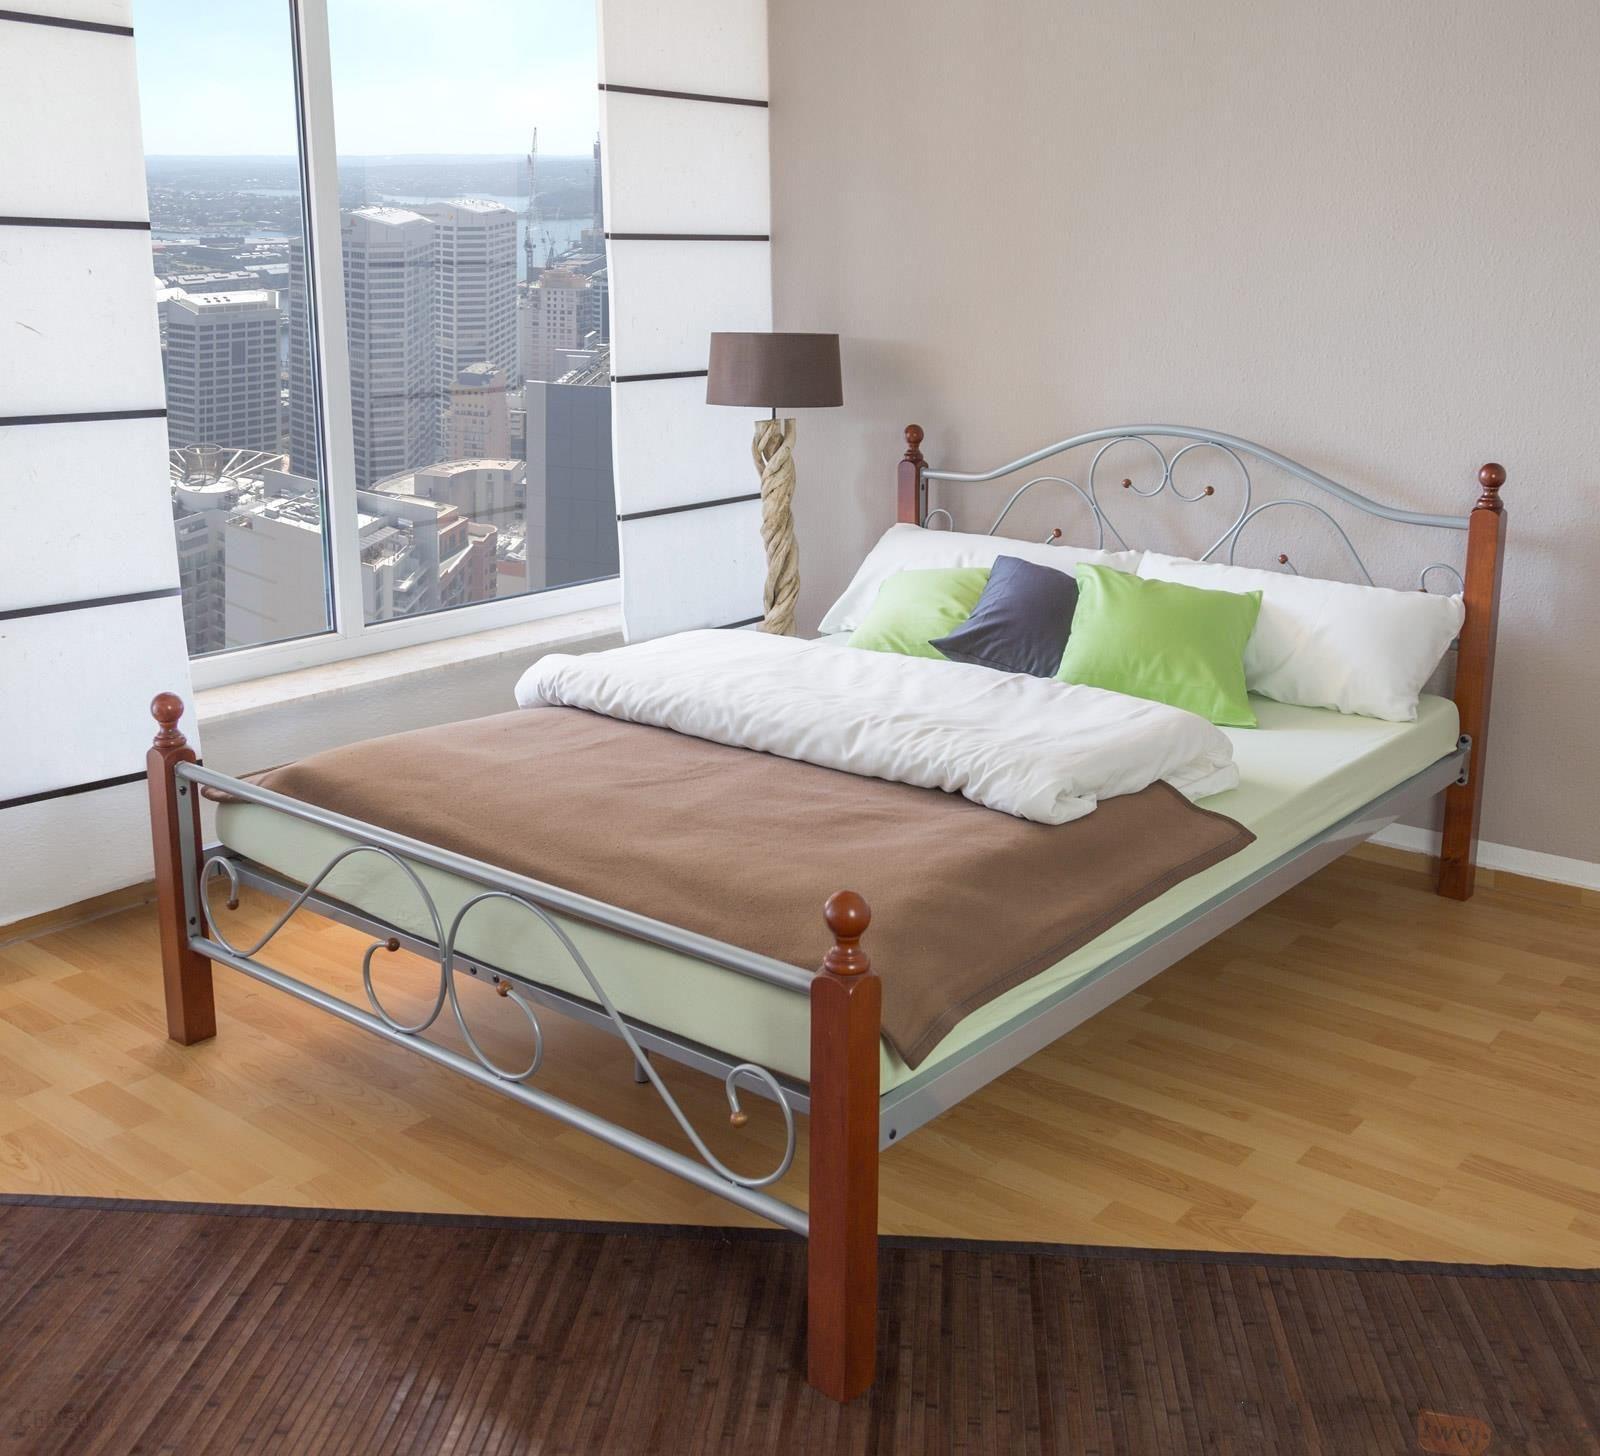 Homestyle4u łóżko Metalowe Podwójne 180x200 Kolor Srebrno